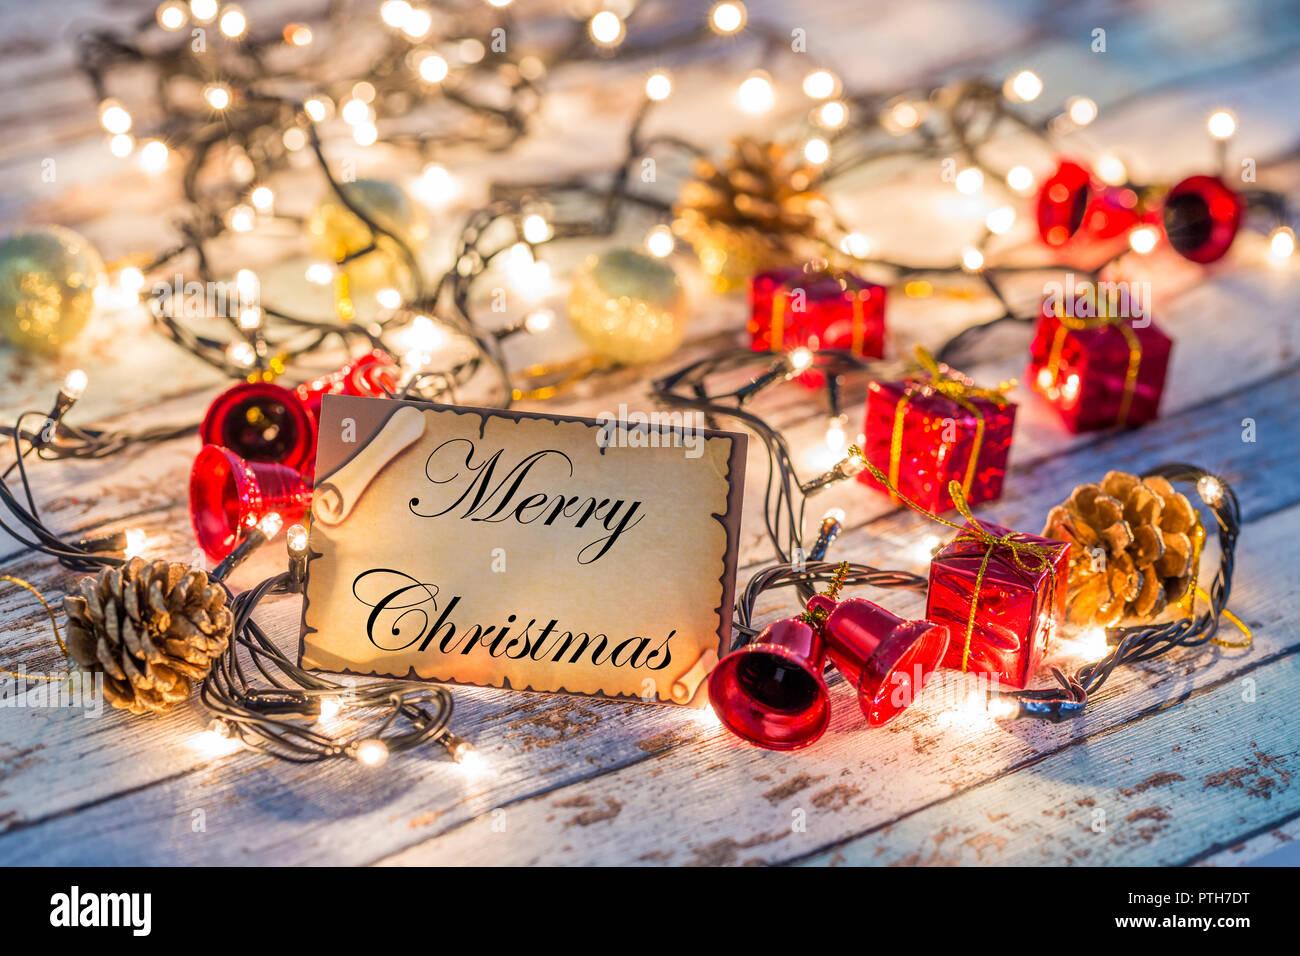 Immagini Natalizie Con Auguri.Biglietto Di Auguri Per Il Nuovo Anno O Il Natale Con Luci E